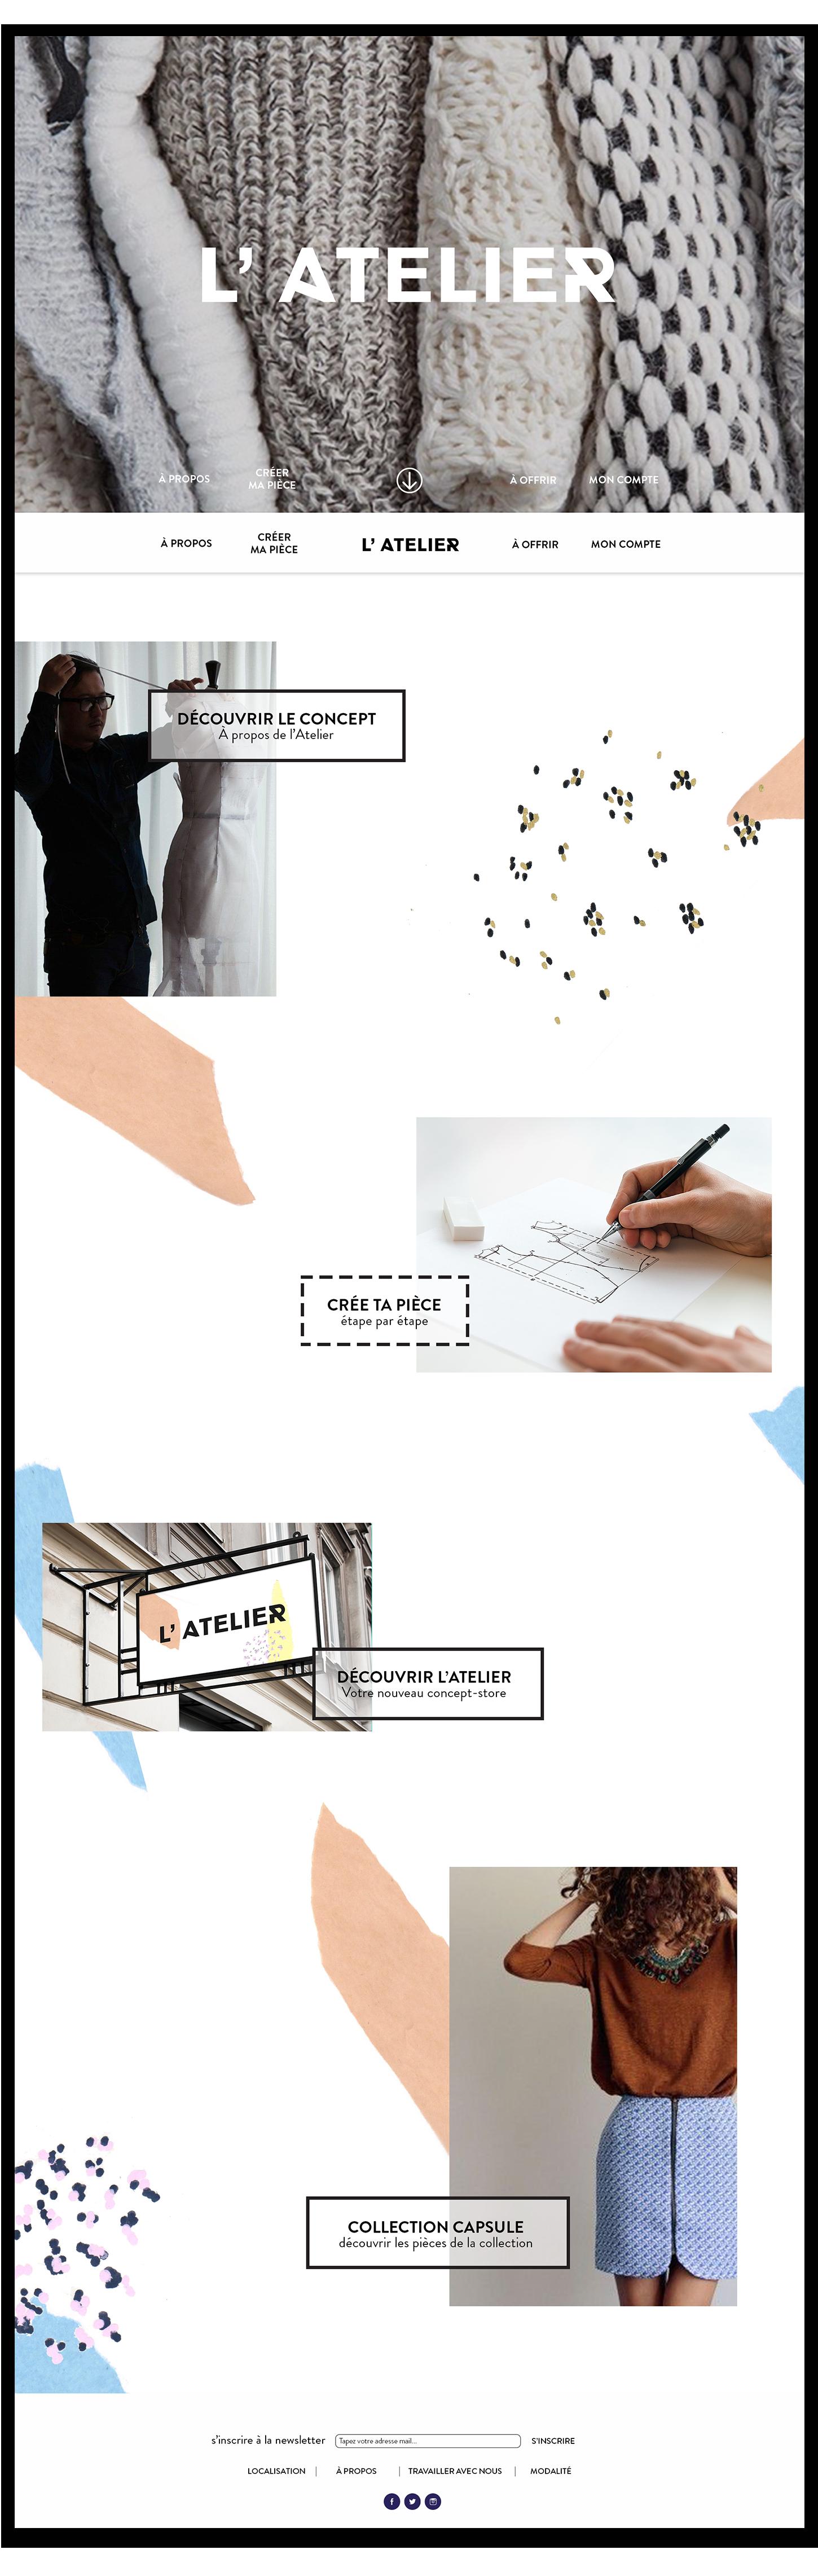 Pleinepage-Atelier